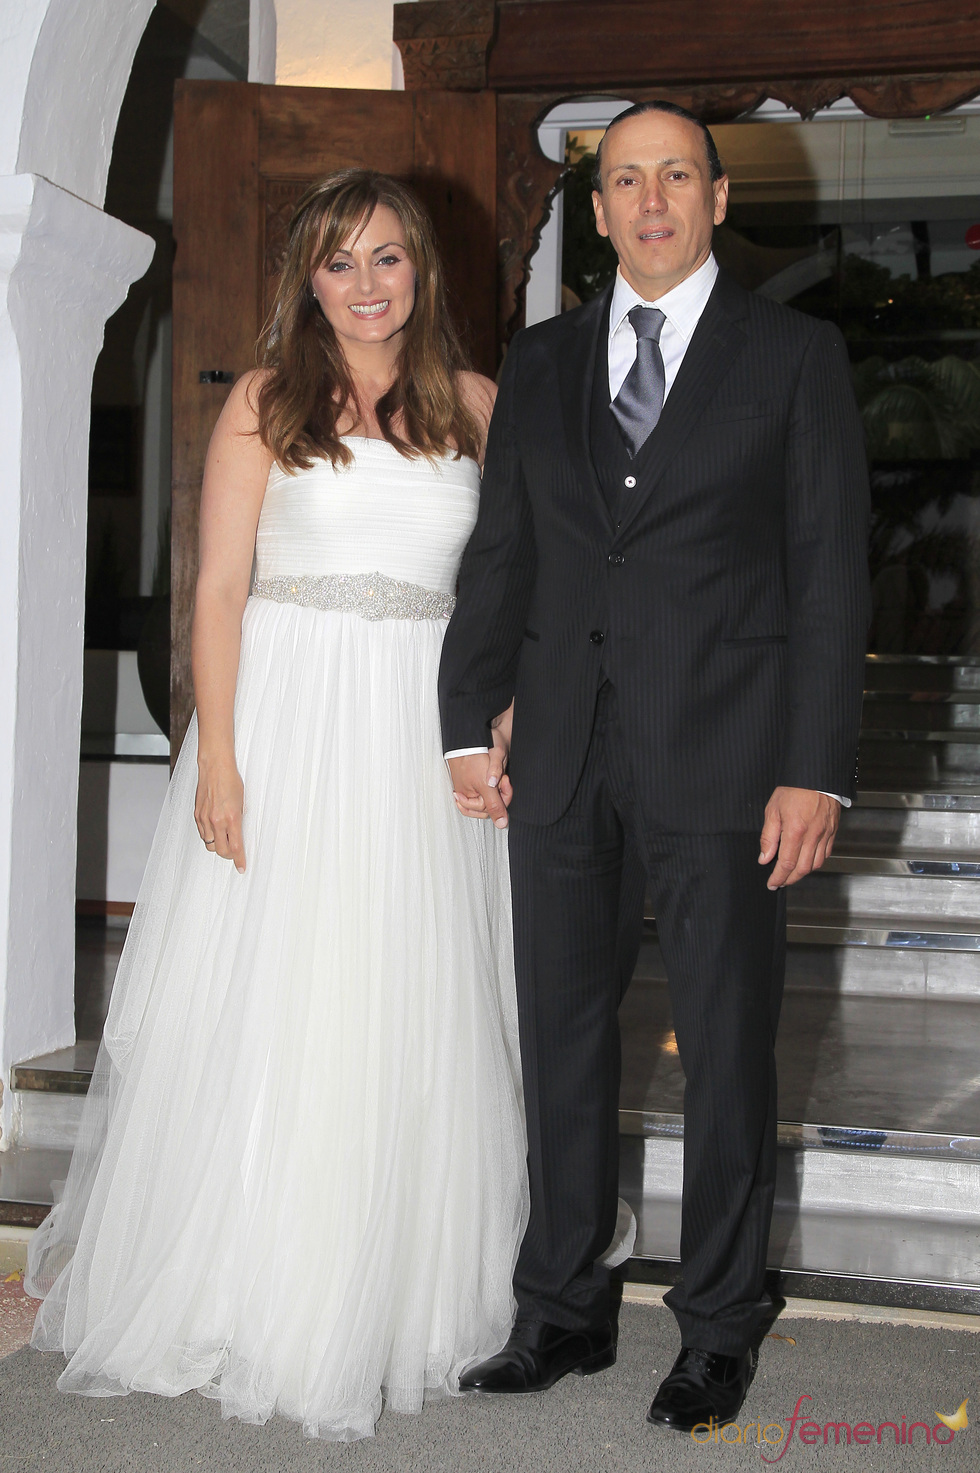 Boda de Carmen Morales y Luis Guerra en Ibiza